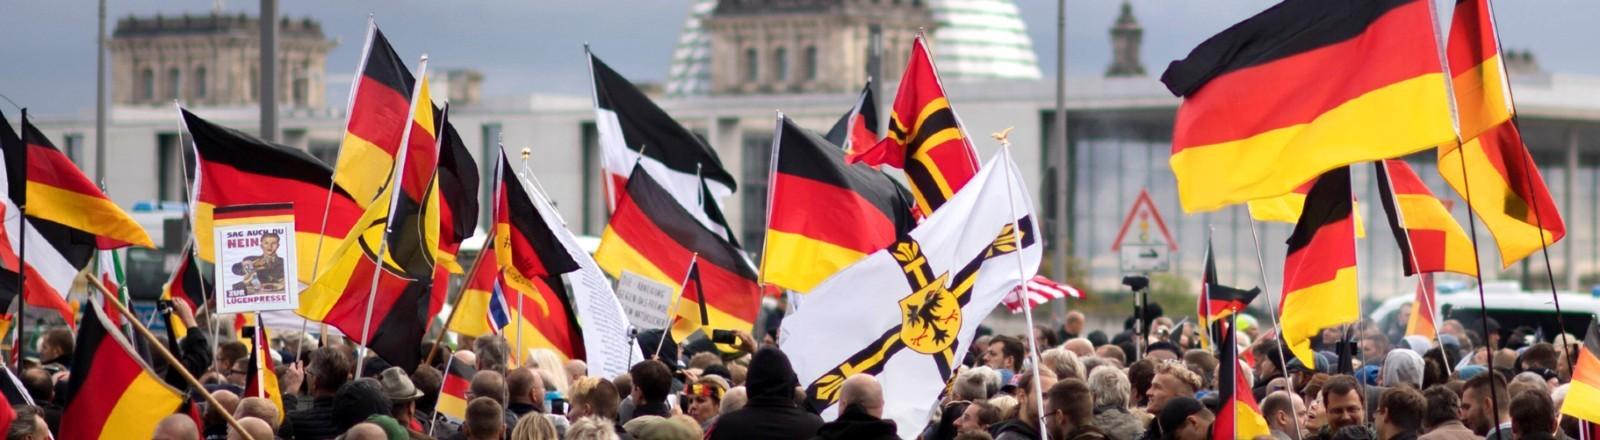 Rechte Demo am 03.10.2019 vor dem Bundestag